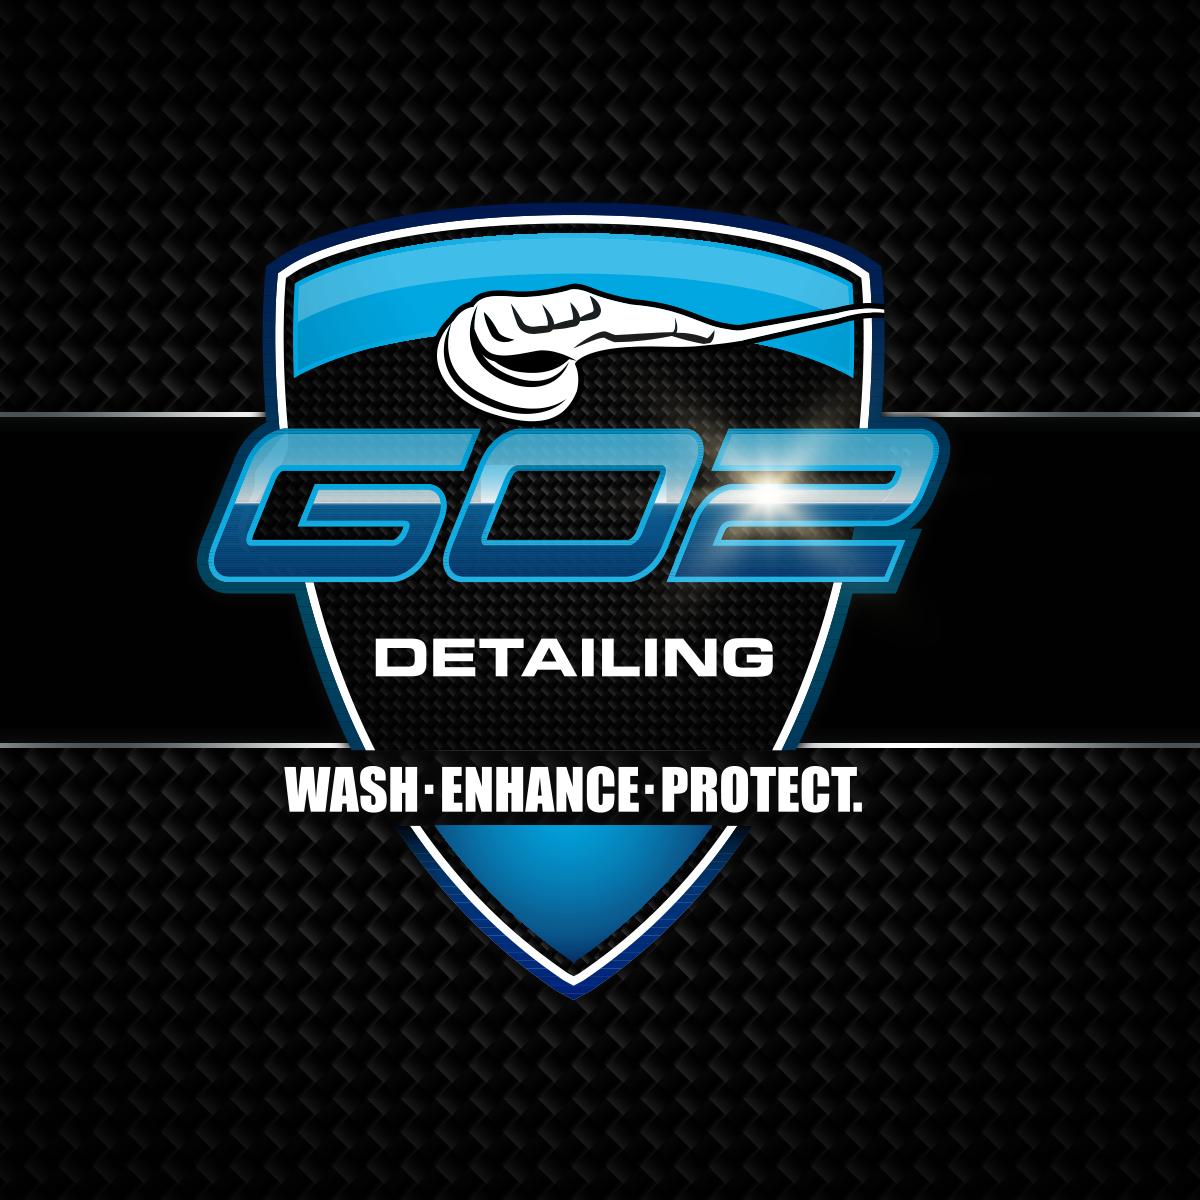 Go2 Detailing Logo